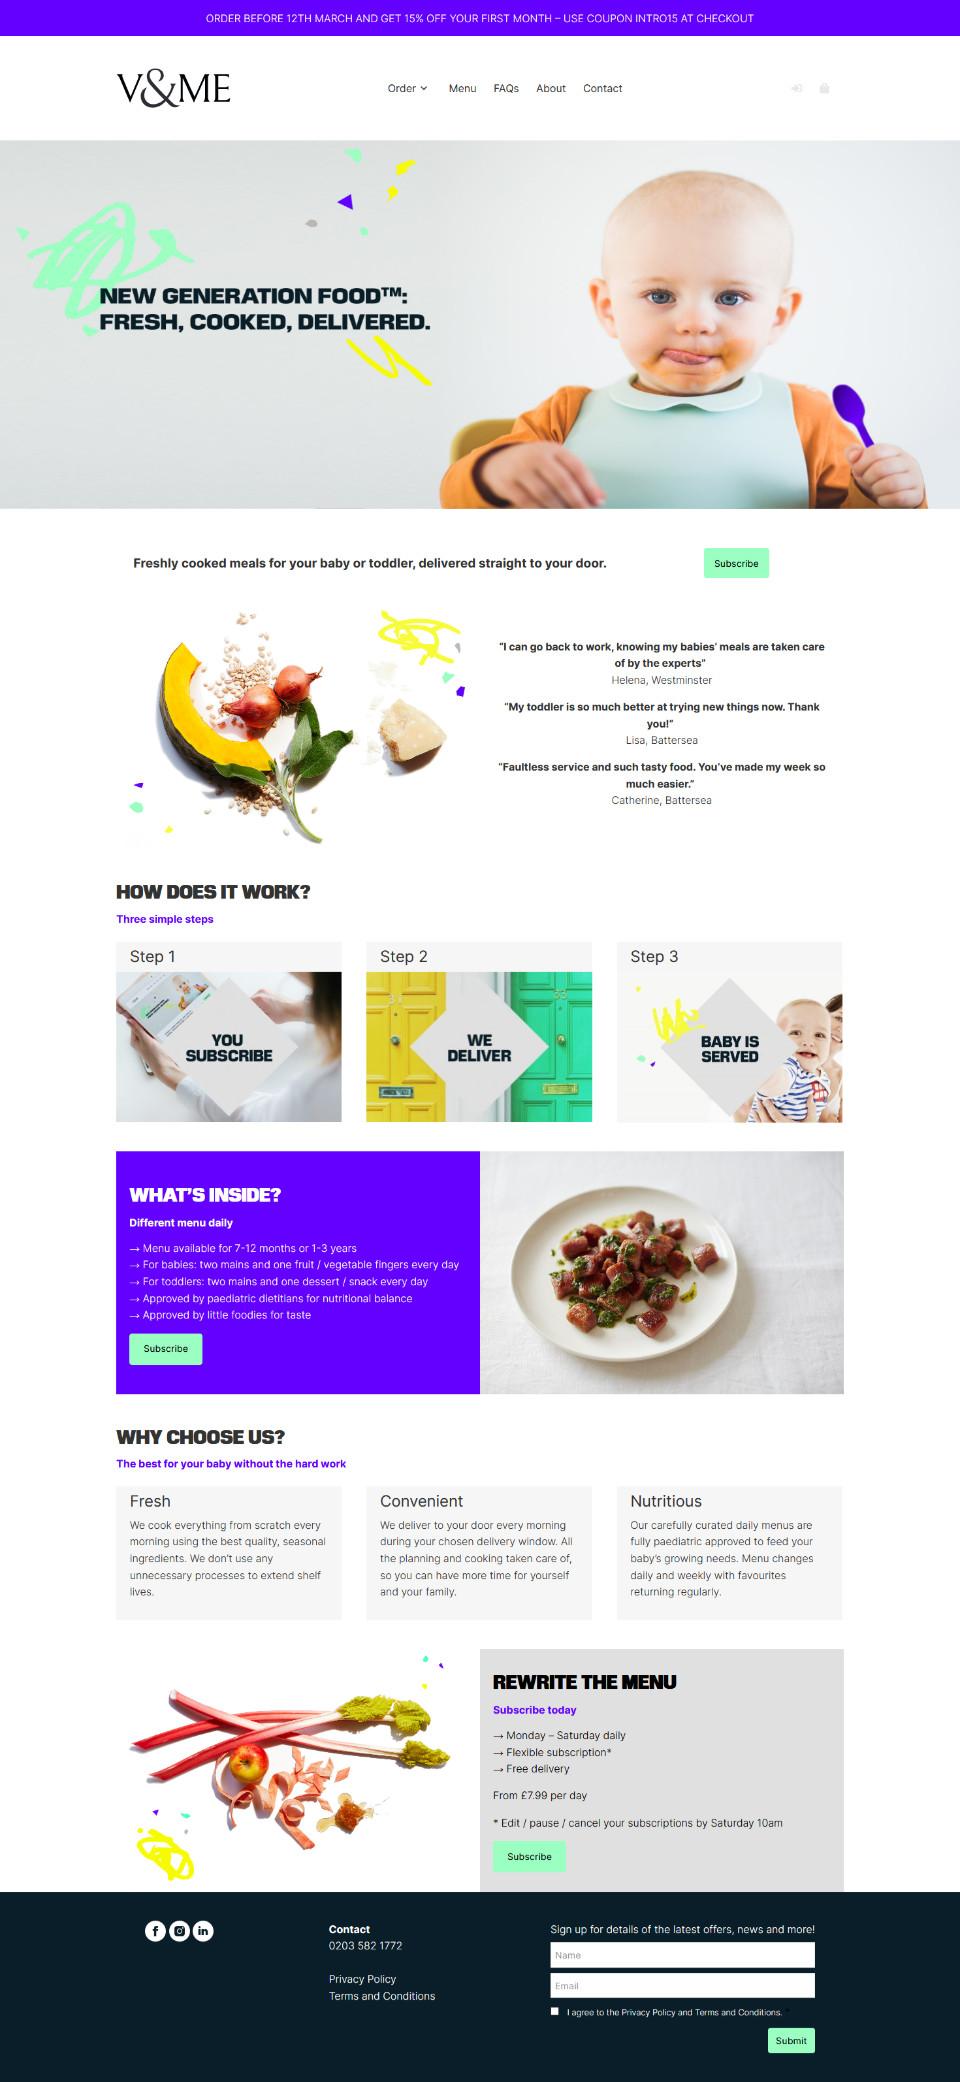 VandMe - WordPress and WooCommerce based online store